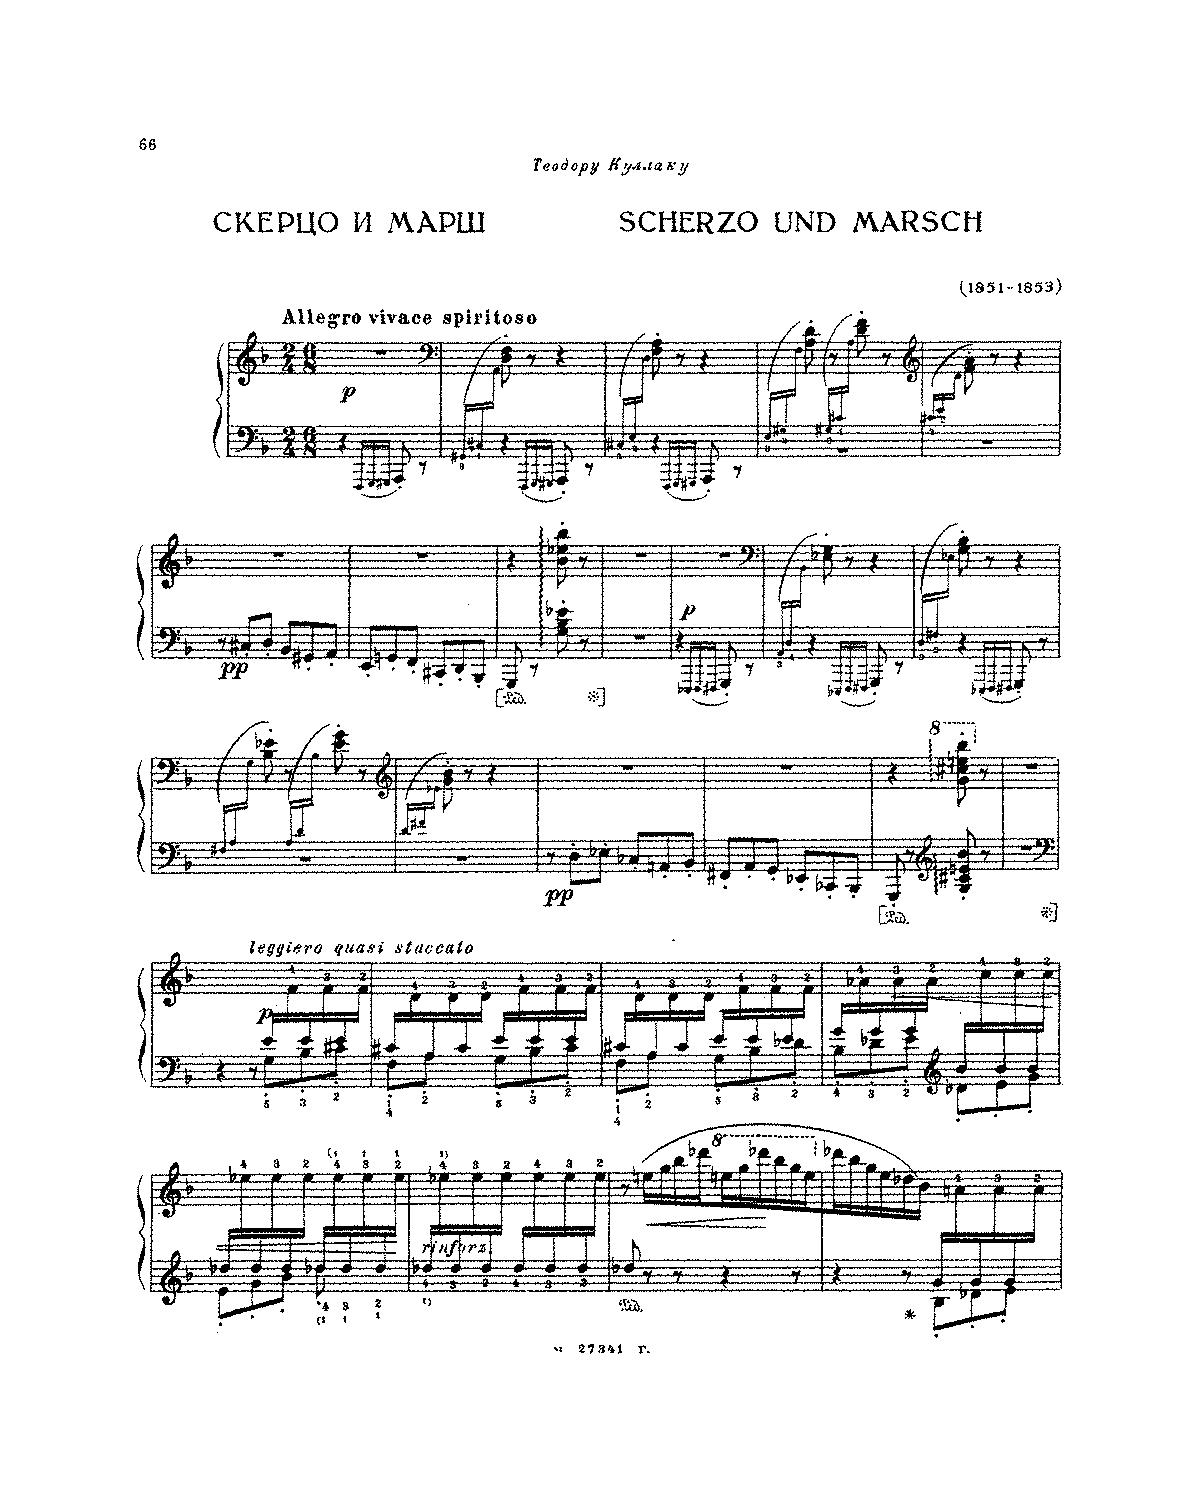 Free Sheet Music Public Domain: Scherzo Und Marsch, S.177 (Liszt, Franz)